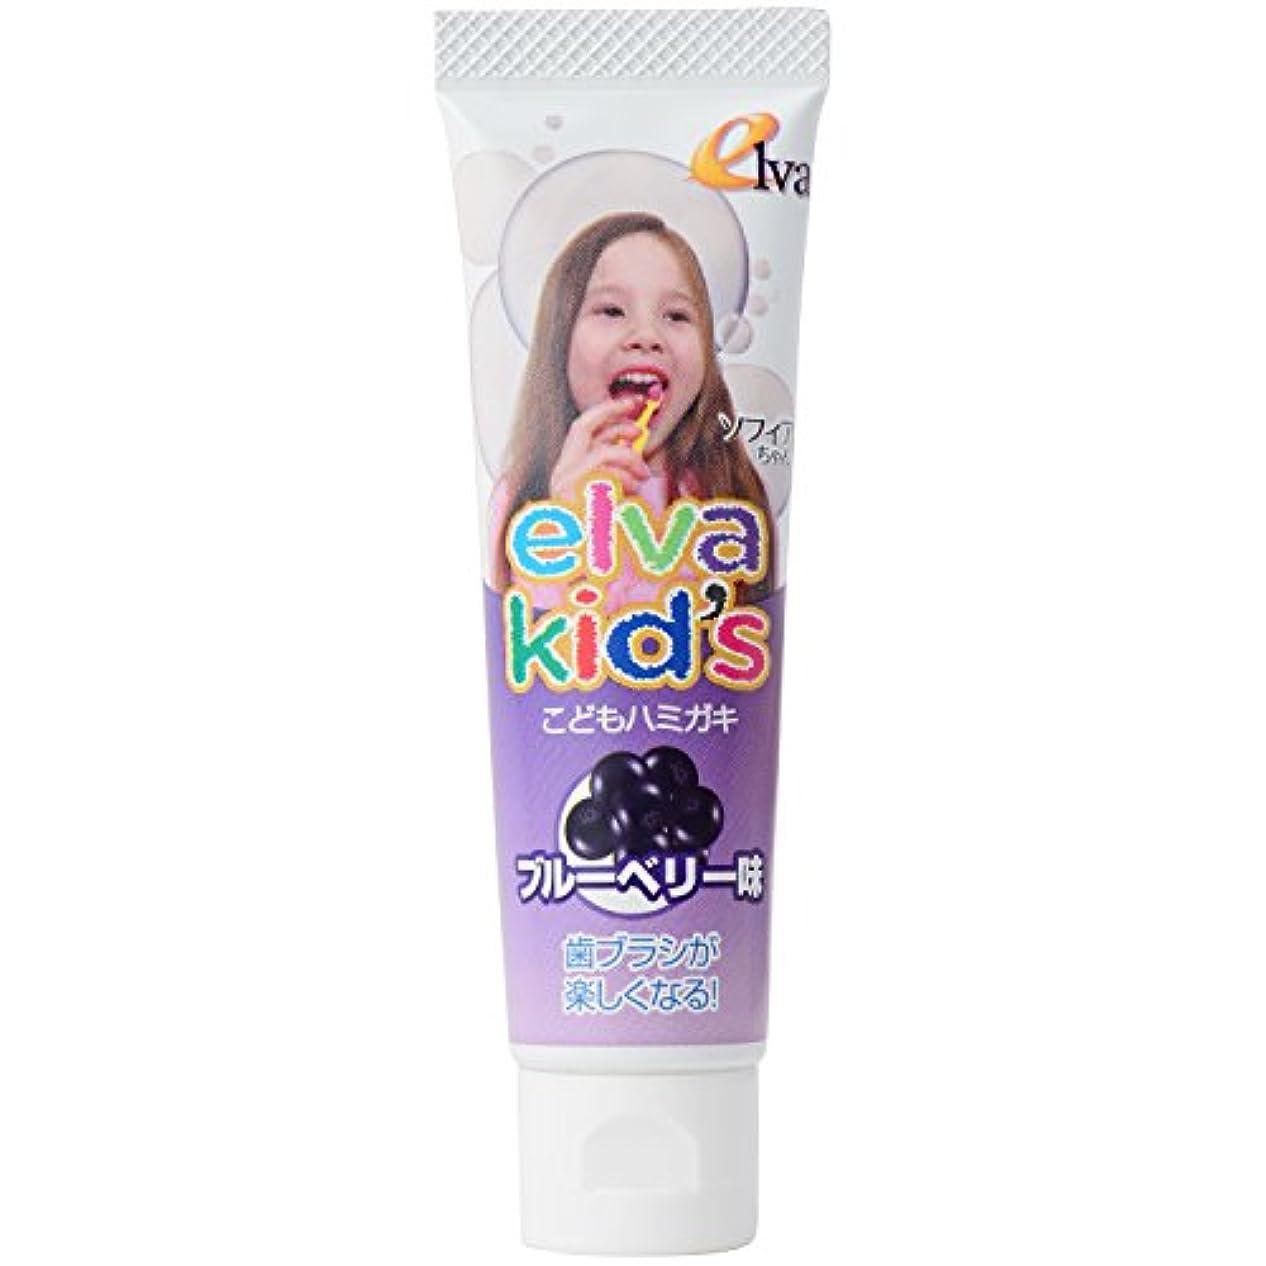 カリング精査窒素エルバキッズ お母さんも安心のこだわりの歯磨き粉 フッ素なし ブルーベリー味 2個セット